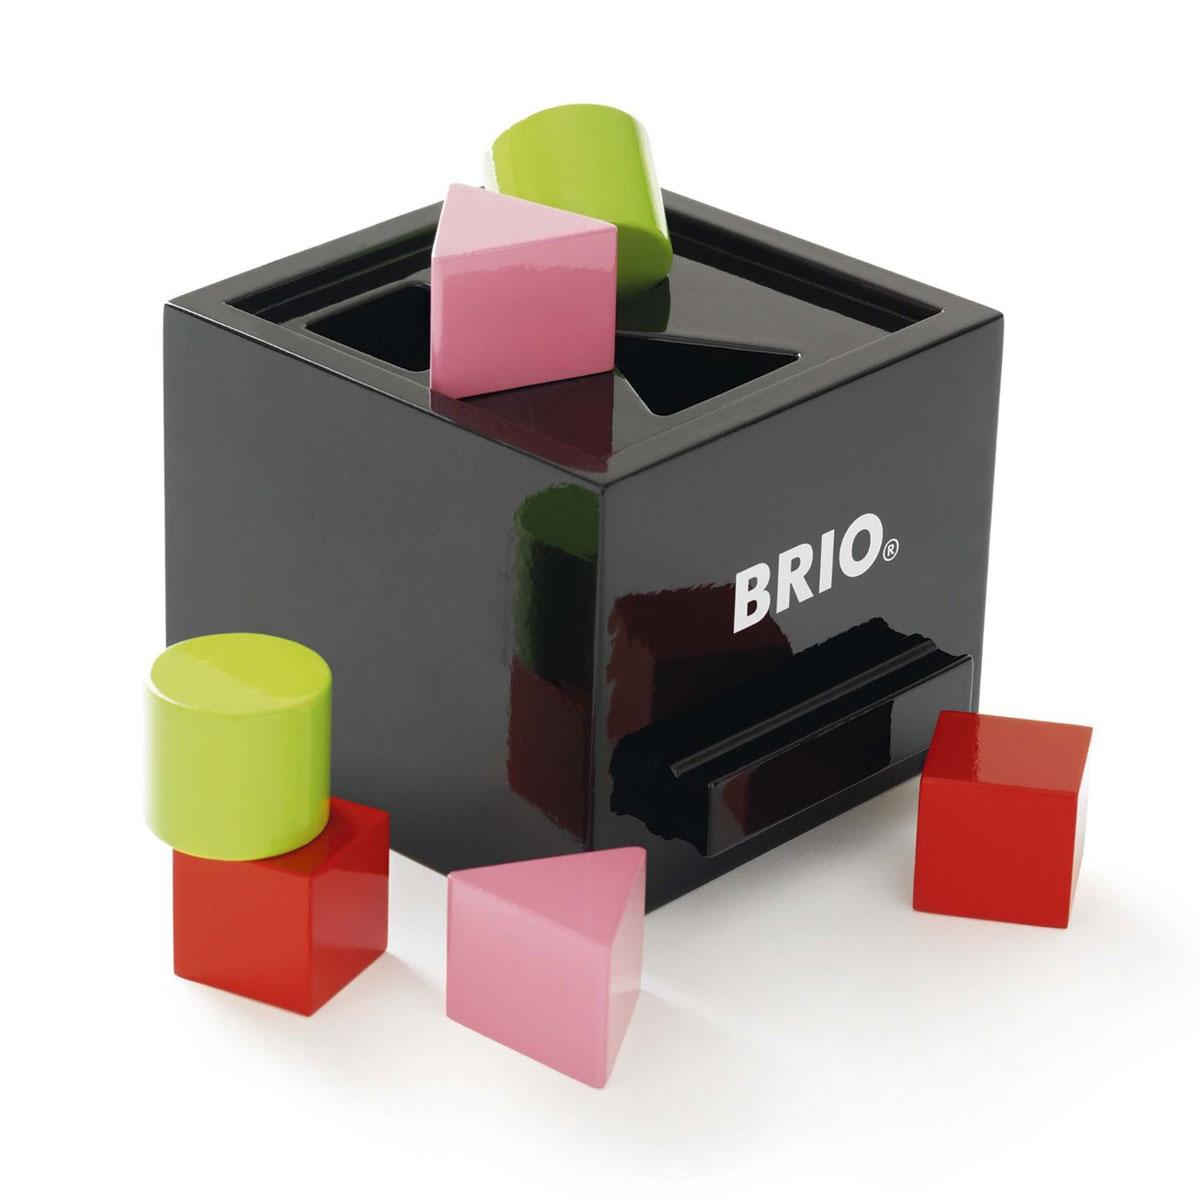 Brio Сортер30144Сортер Brio позволит вашему малышу изучить и понять основные геометрические формы. С помощью сортера с кубиками, ребенок научится различать фигуры и цвета, а также узнает как выглядят треугольник, круг и квадрат. Весело и задорно малыш будет собирать элементы в сортер. Играя с сортером, дети улучшат моторику, развивают мышление и координацию рук. Замечательная, высококачественная, развивающая игрушка для вашего маленького чада.